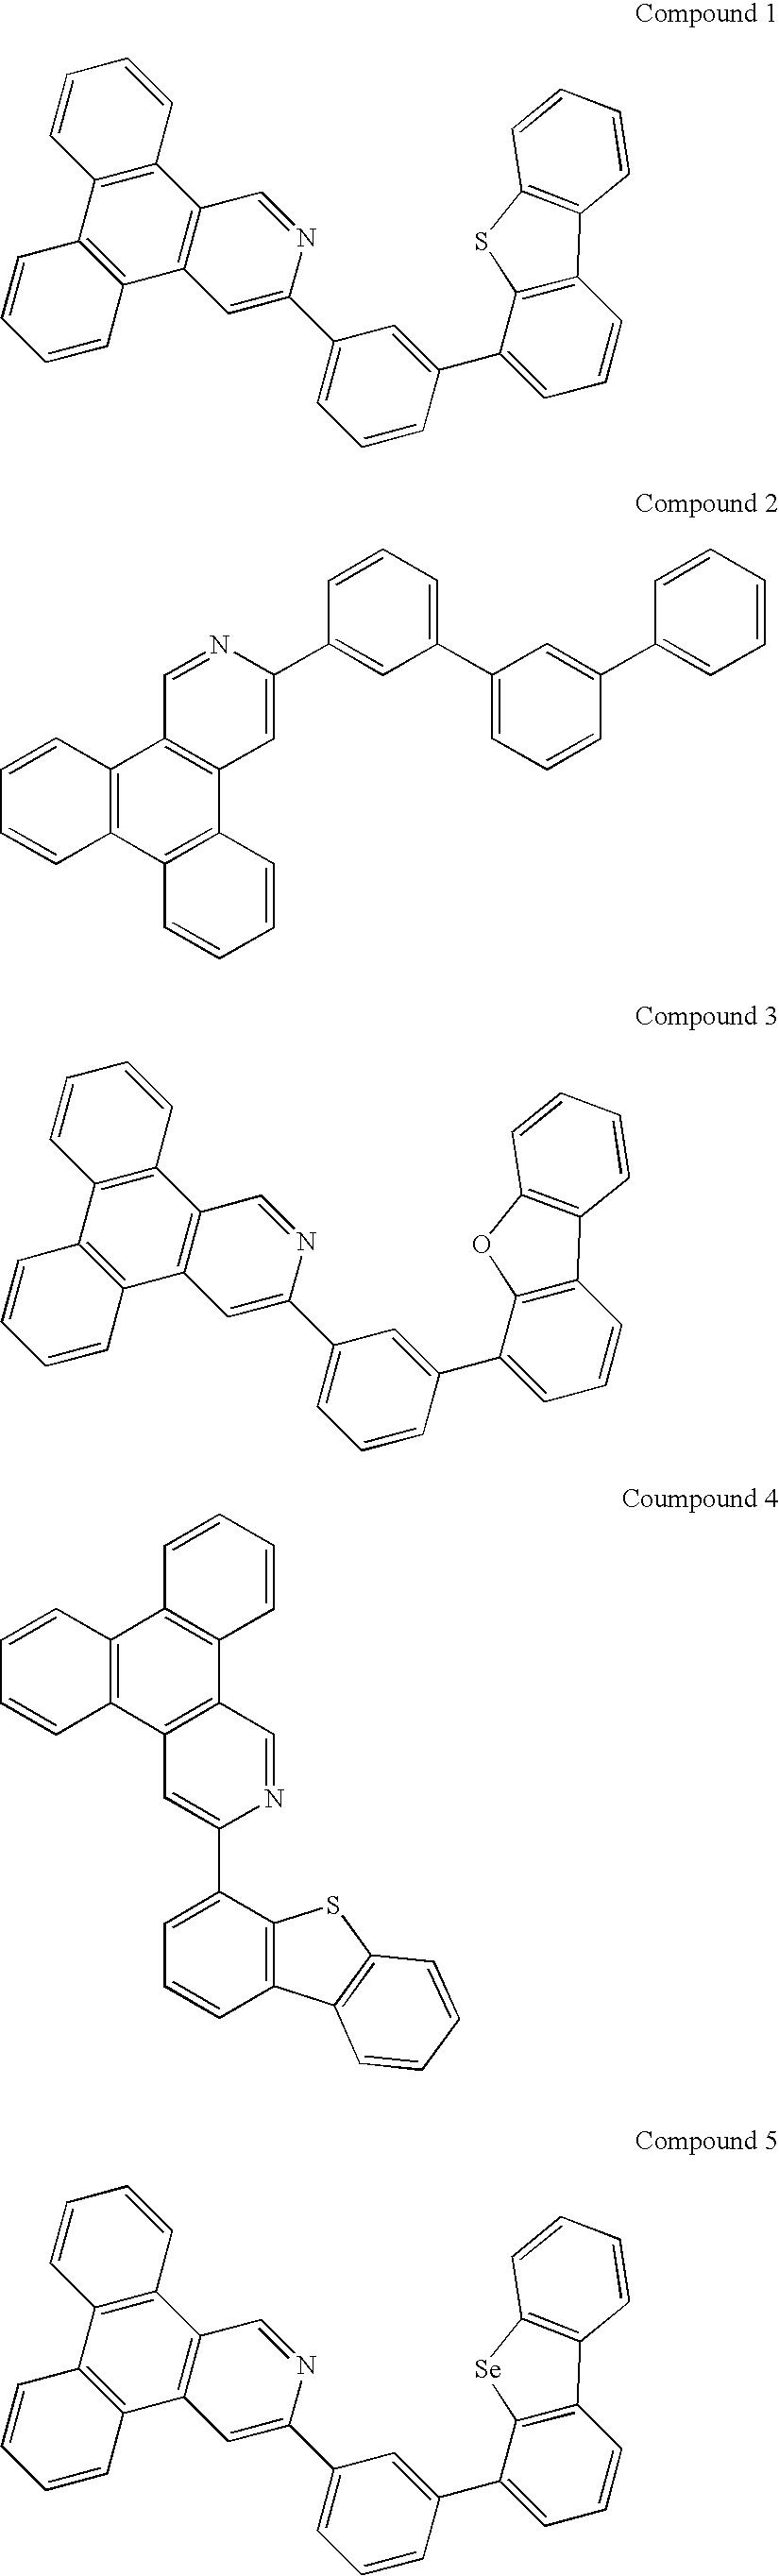 Figure US20100289406A1-20101118-C00031